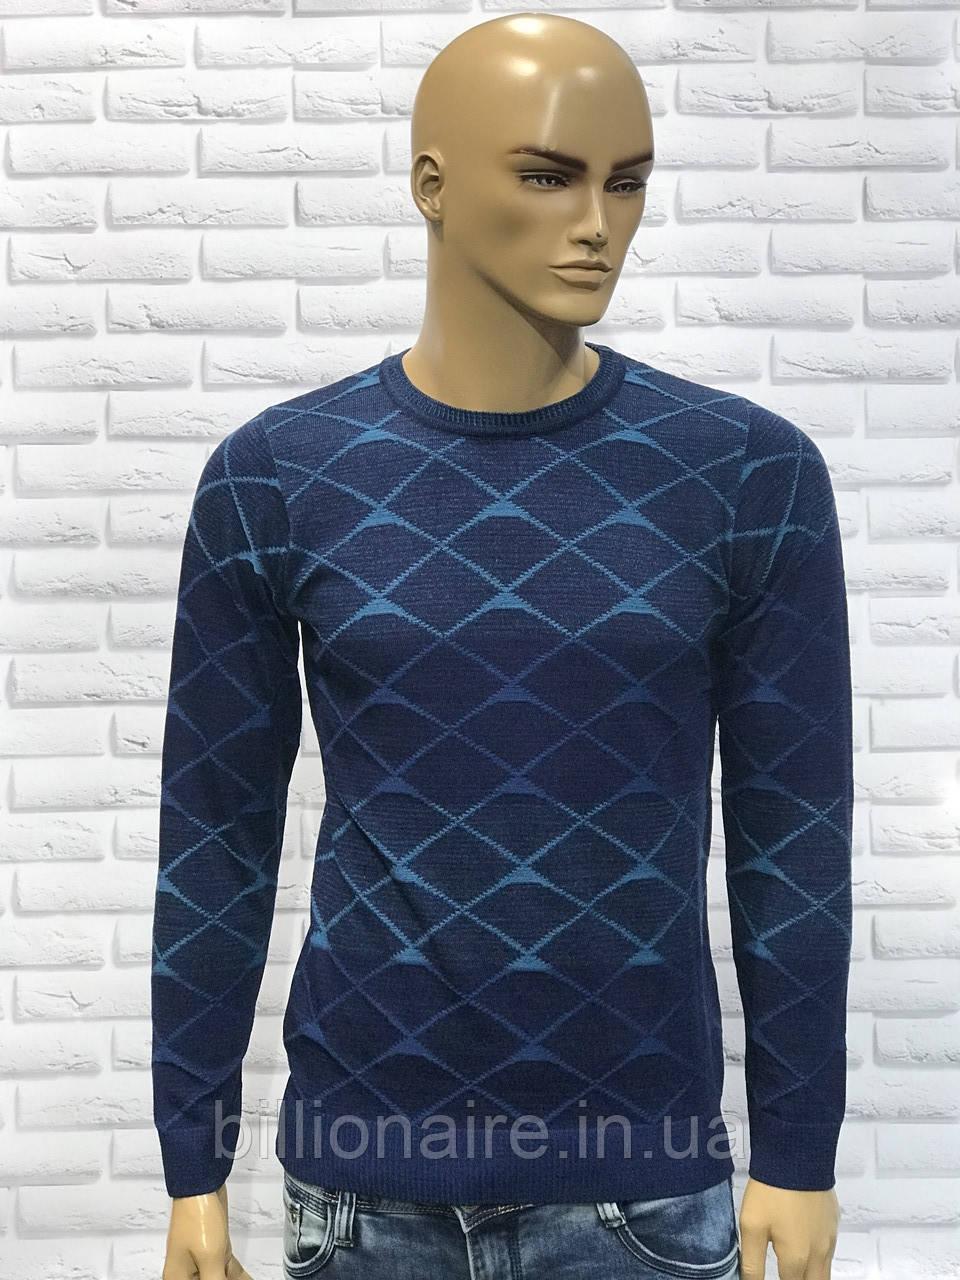 Чоловічий приталений джемпер синій